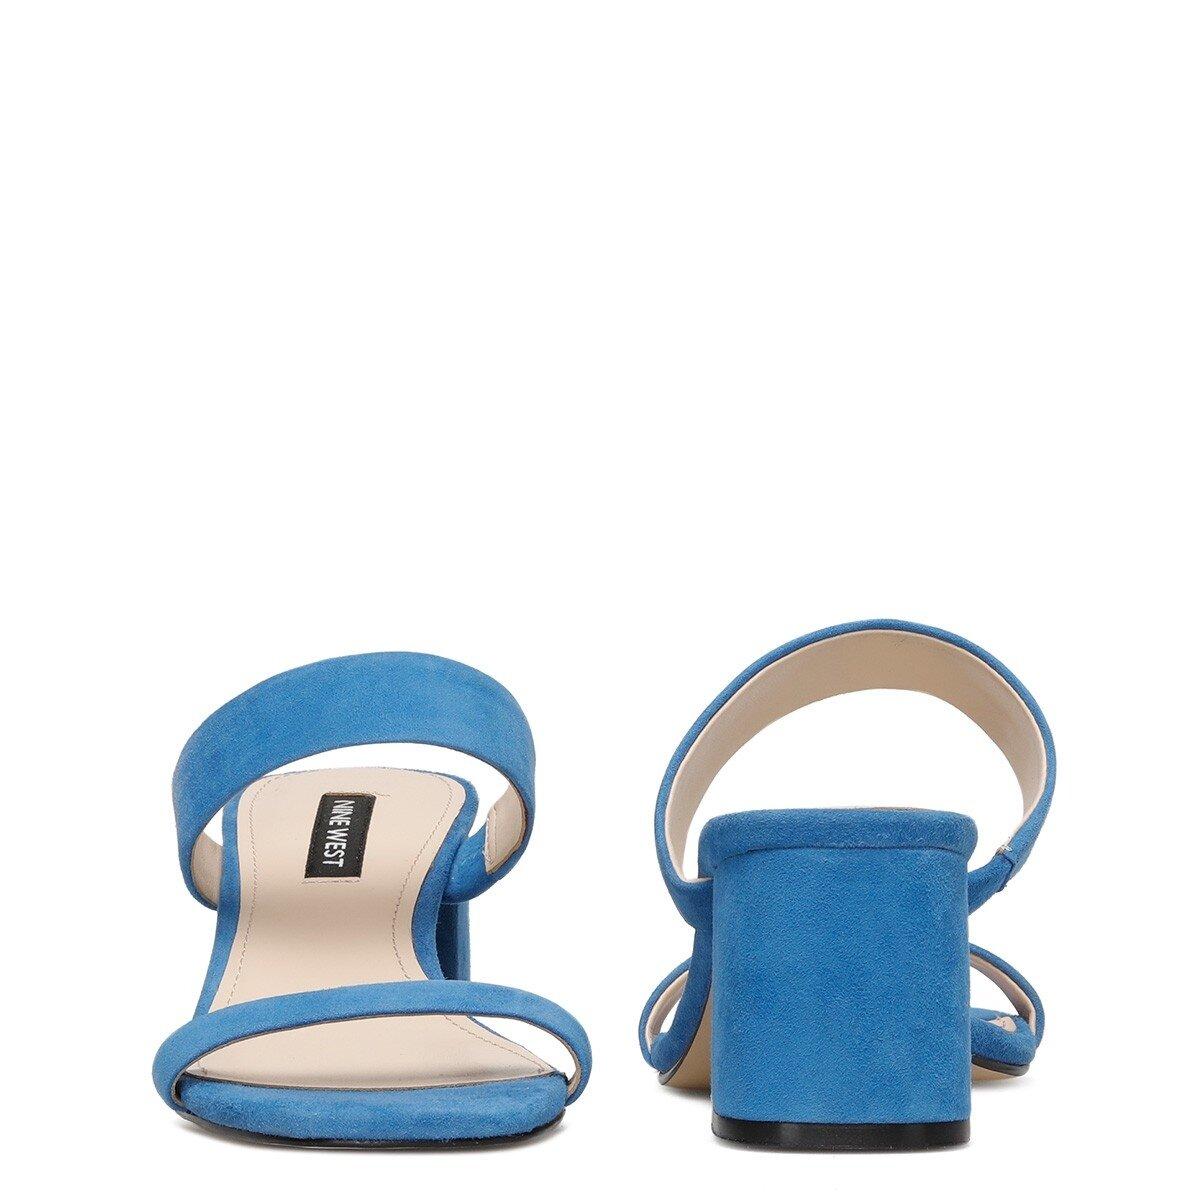 GALVIN Mavi Kadın Topuklu Terlik